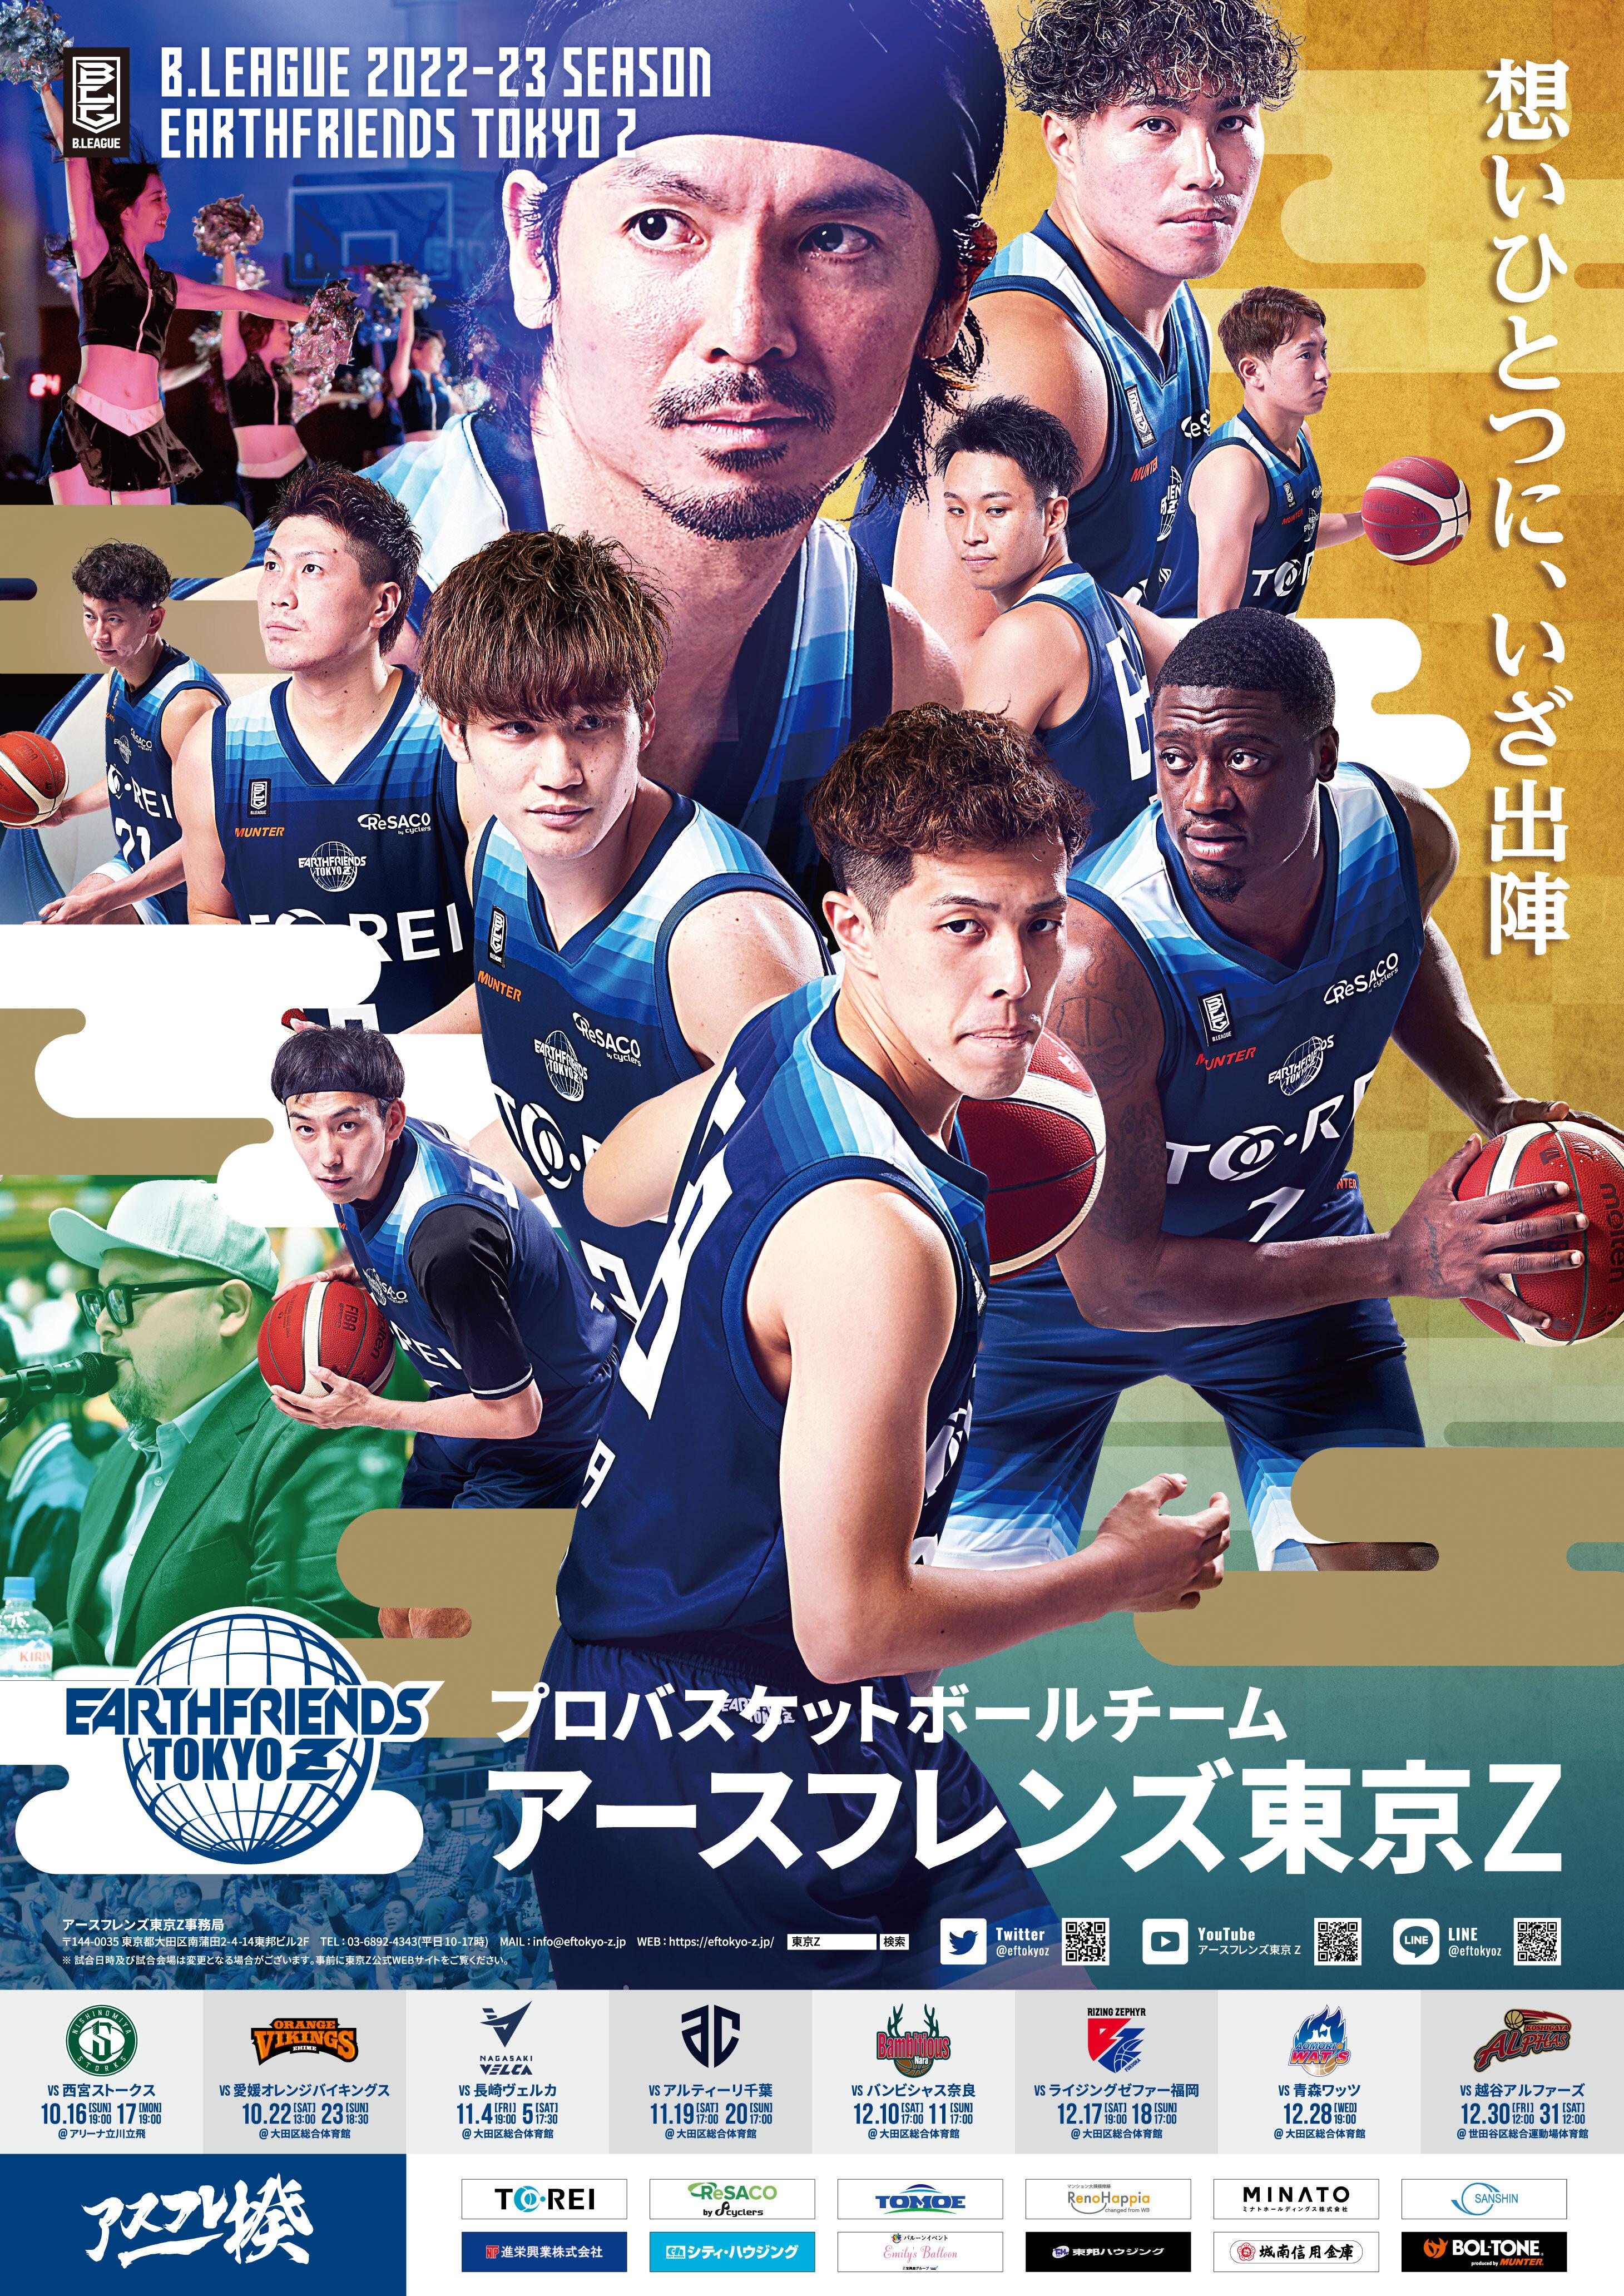 プロバスケットボールチーム アースフレンズ東京Z